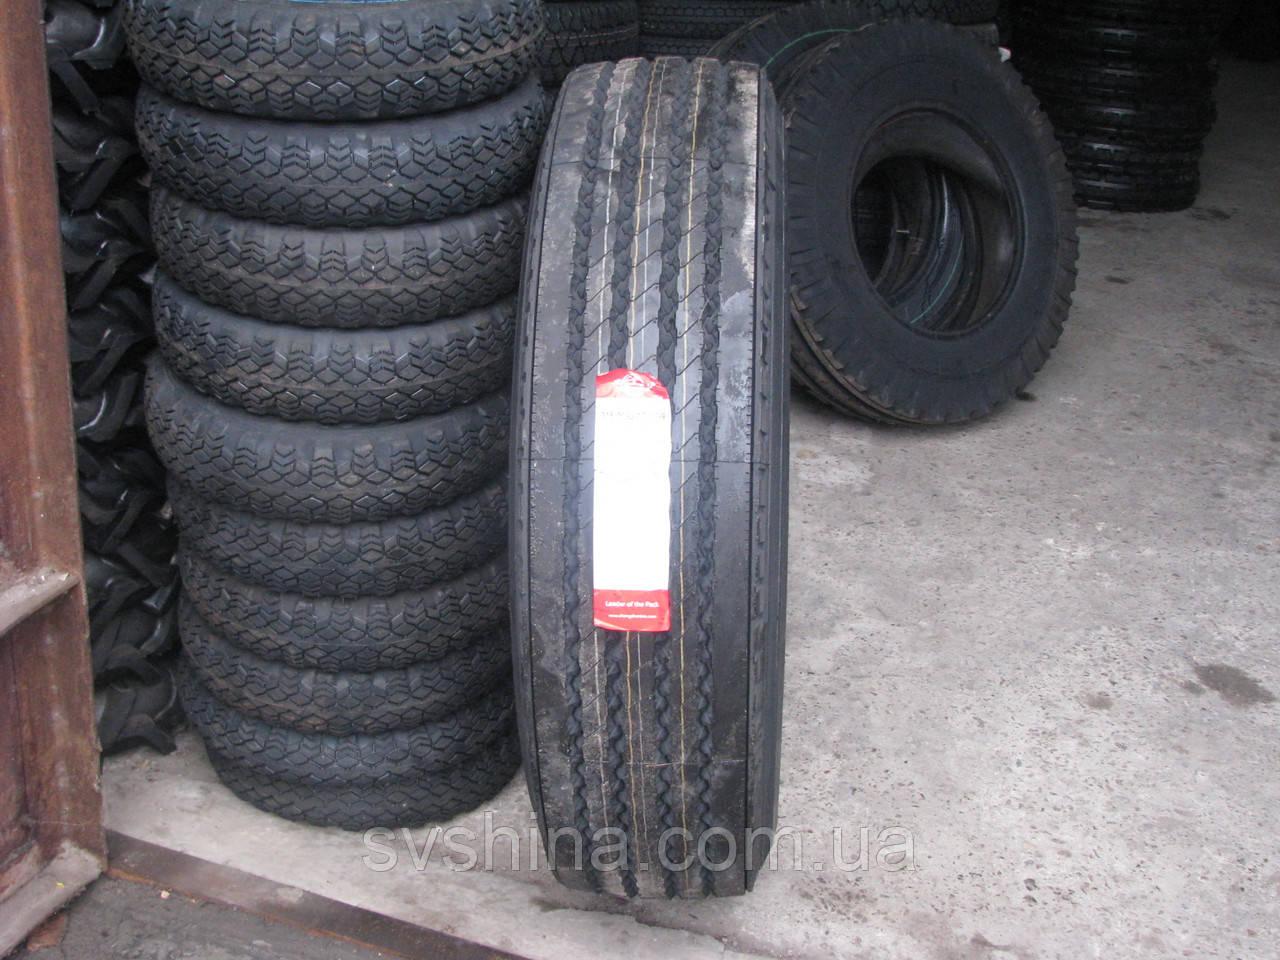 Грузовые шины 315/80R22.5 Cooper Cheng. CST118 , рулевые, 18 нс.